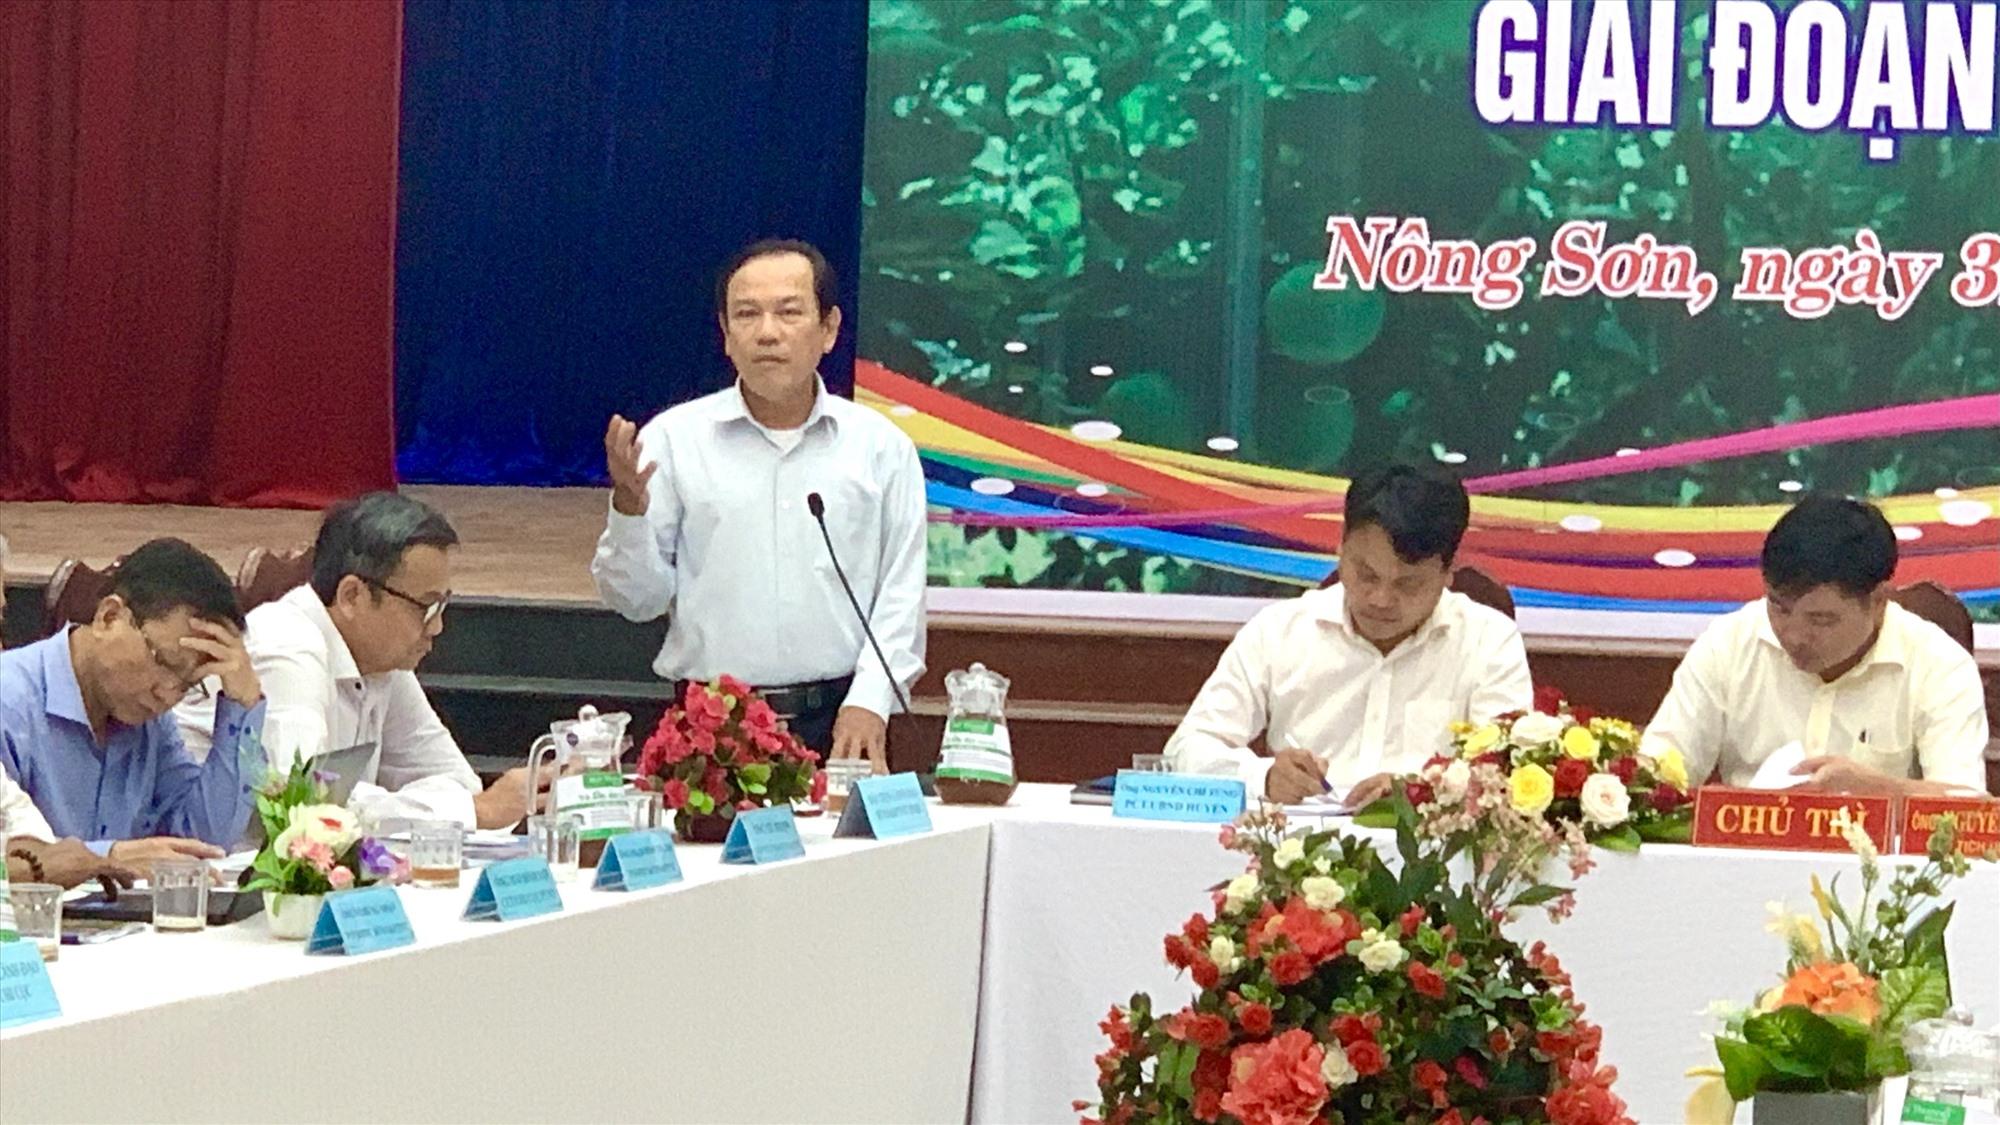 Đồng chí Ngô Tấn – Phó Giám đốc Sở NN&PTNT Quảng Nam phát biểu tại hộ thảo. Ảnh MINH THÔNG